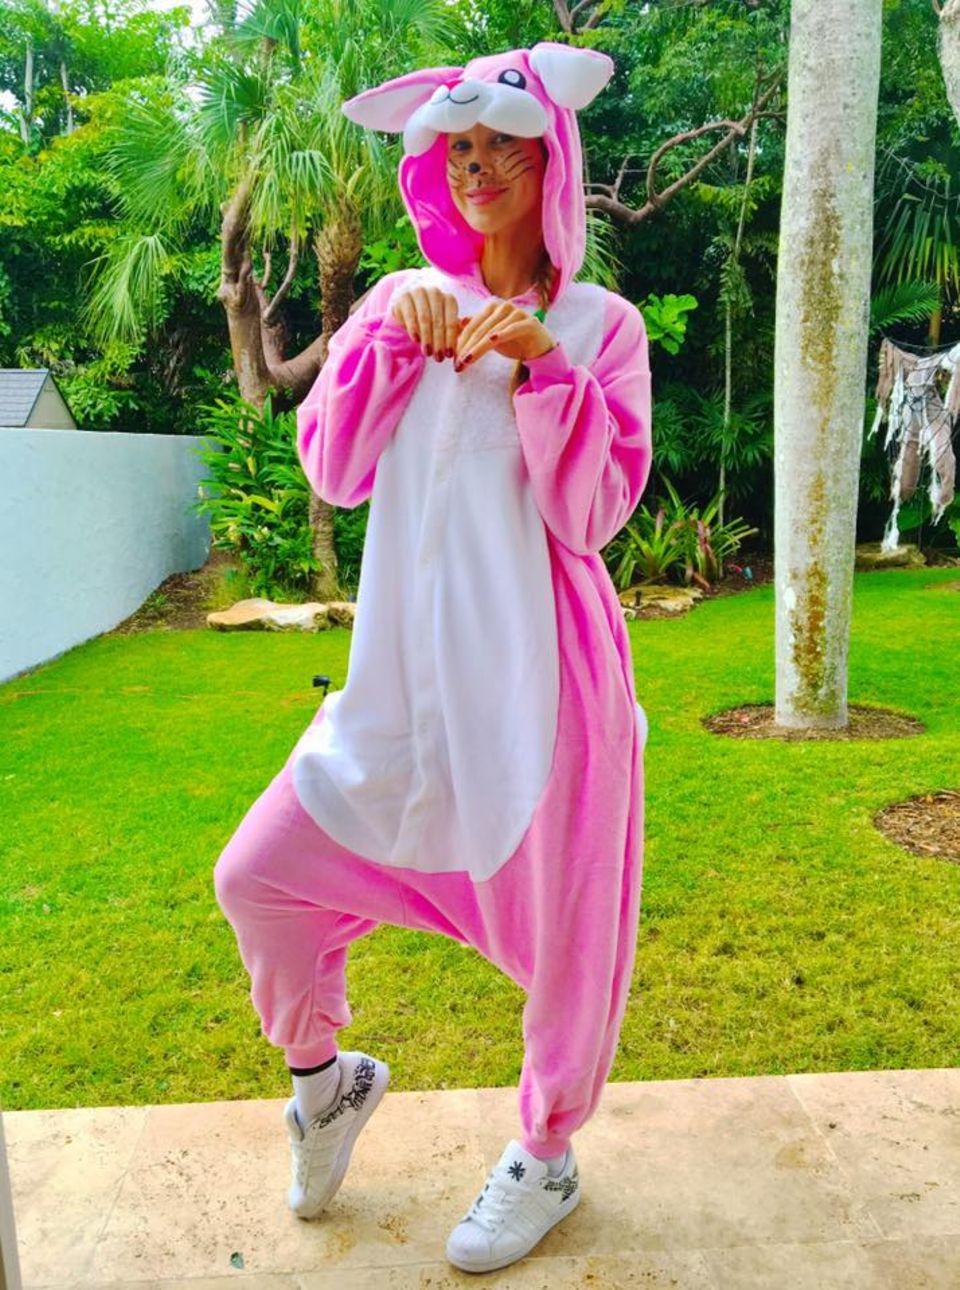 Dass passiert, wenn Alessandra Meyer-Wölden ihre Kids entscheiden lässt, was sie zu Halloween tragen soll.